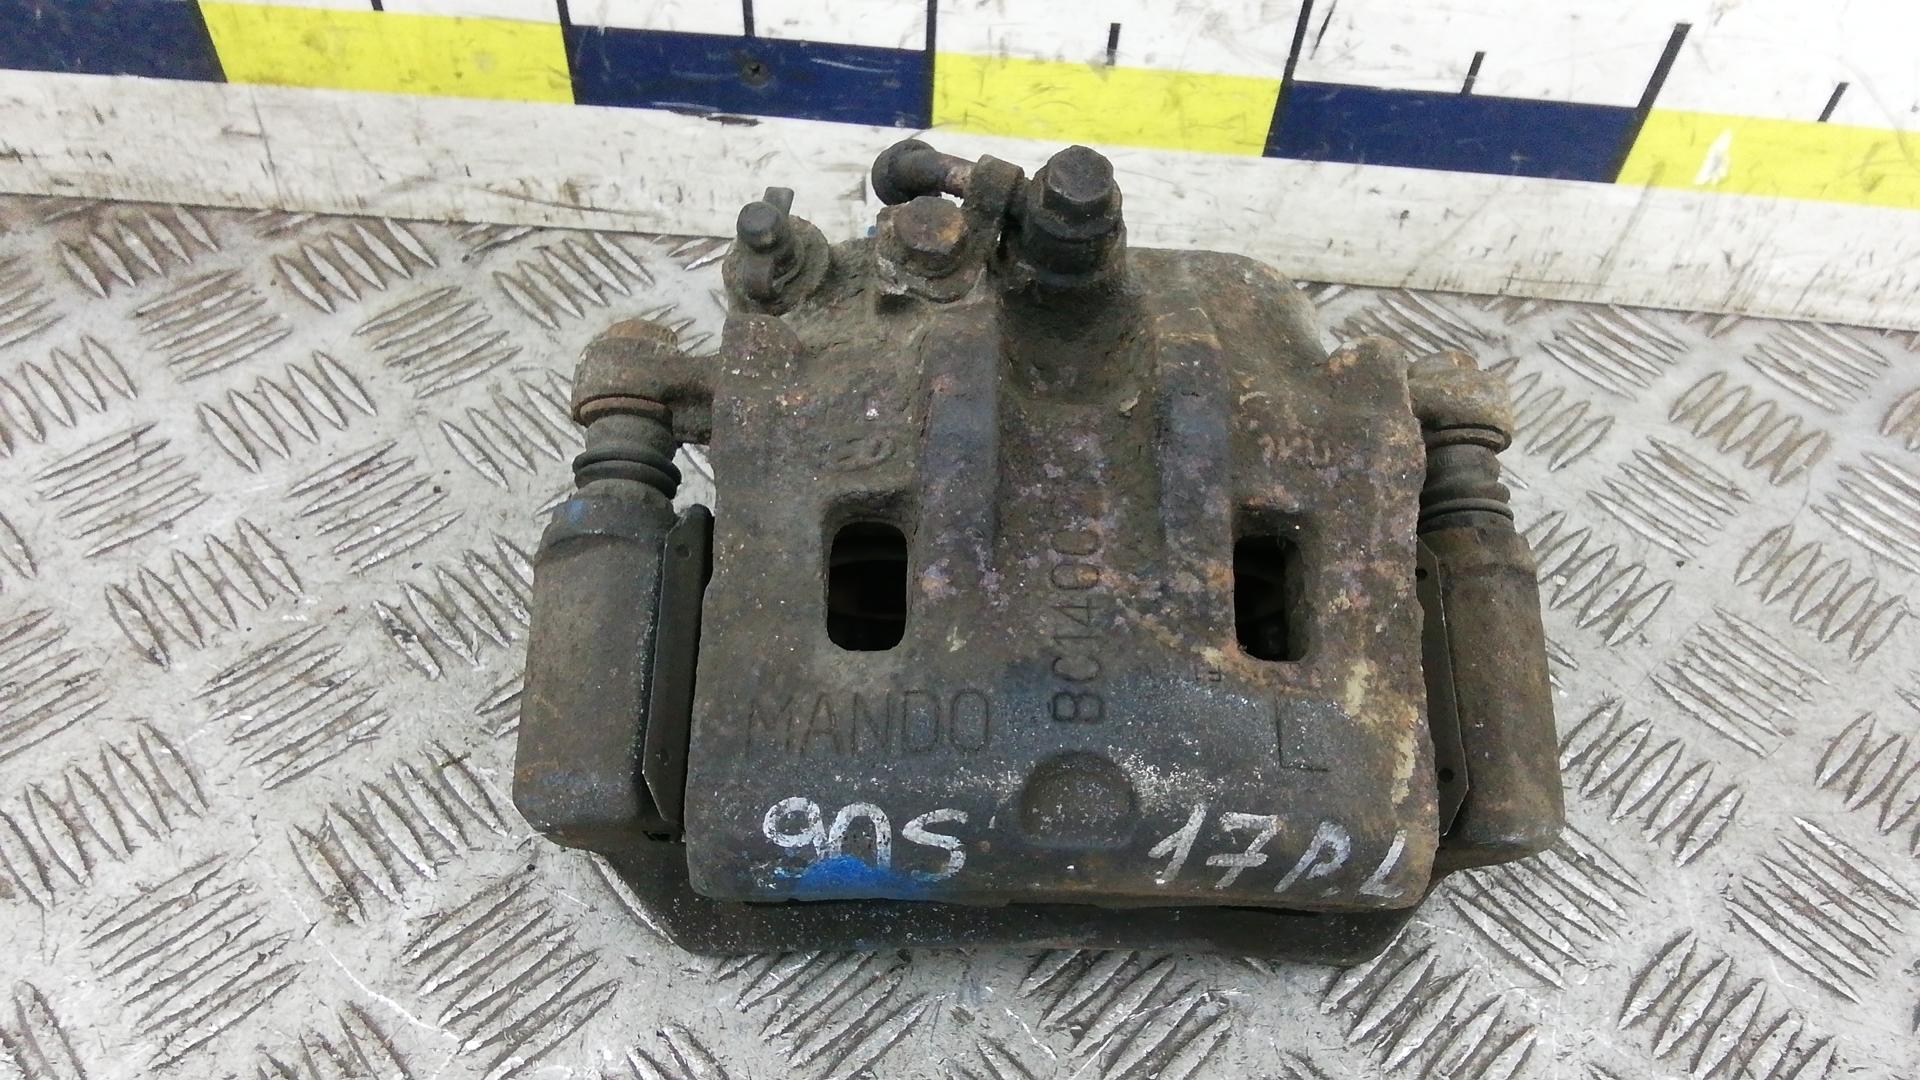 Суппорт тормозной передний левый, HYUNDAI, H1 (STAREX) 1 Sparka, 2005